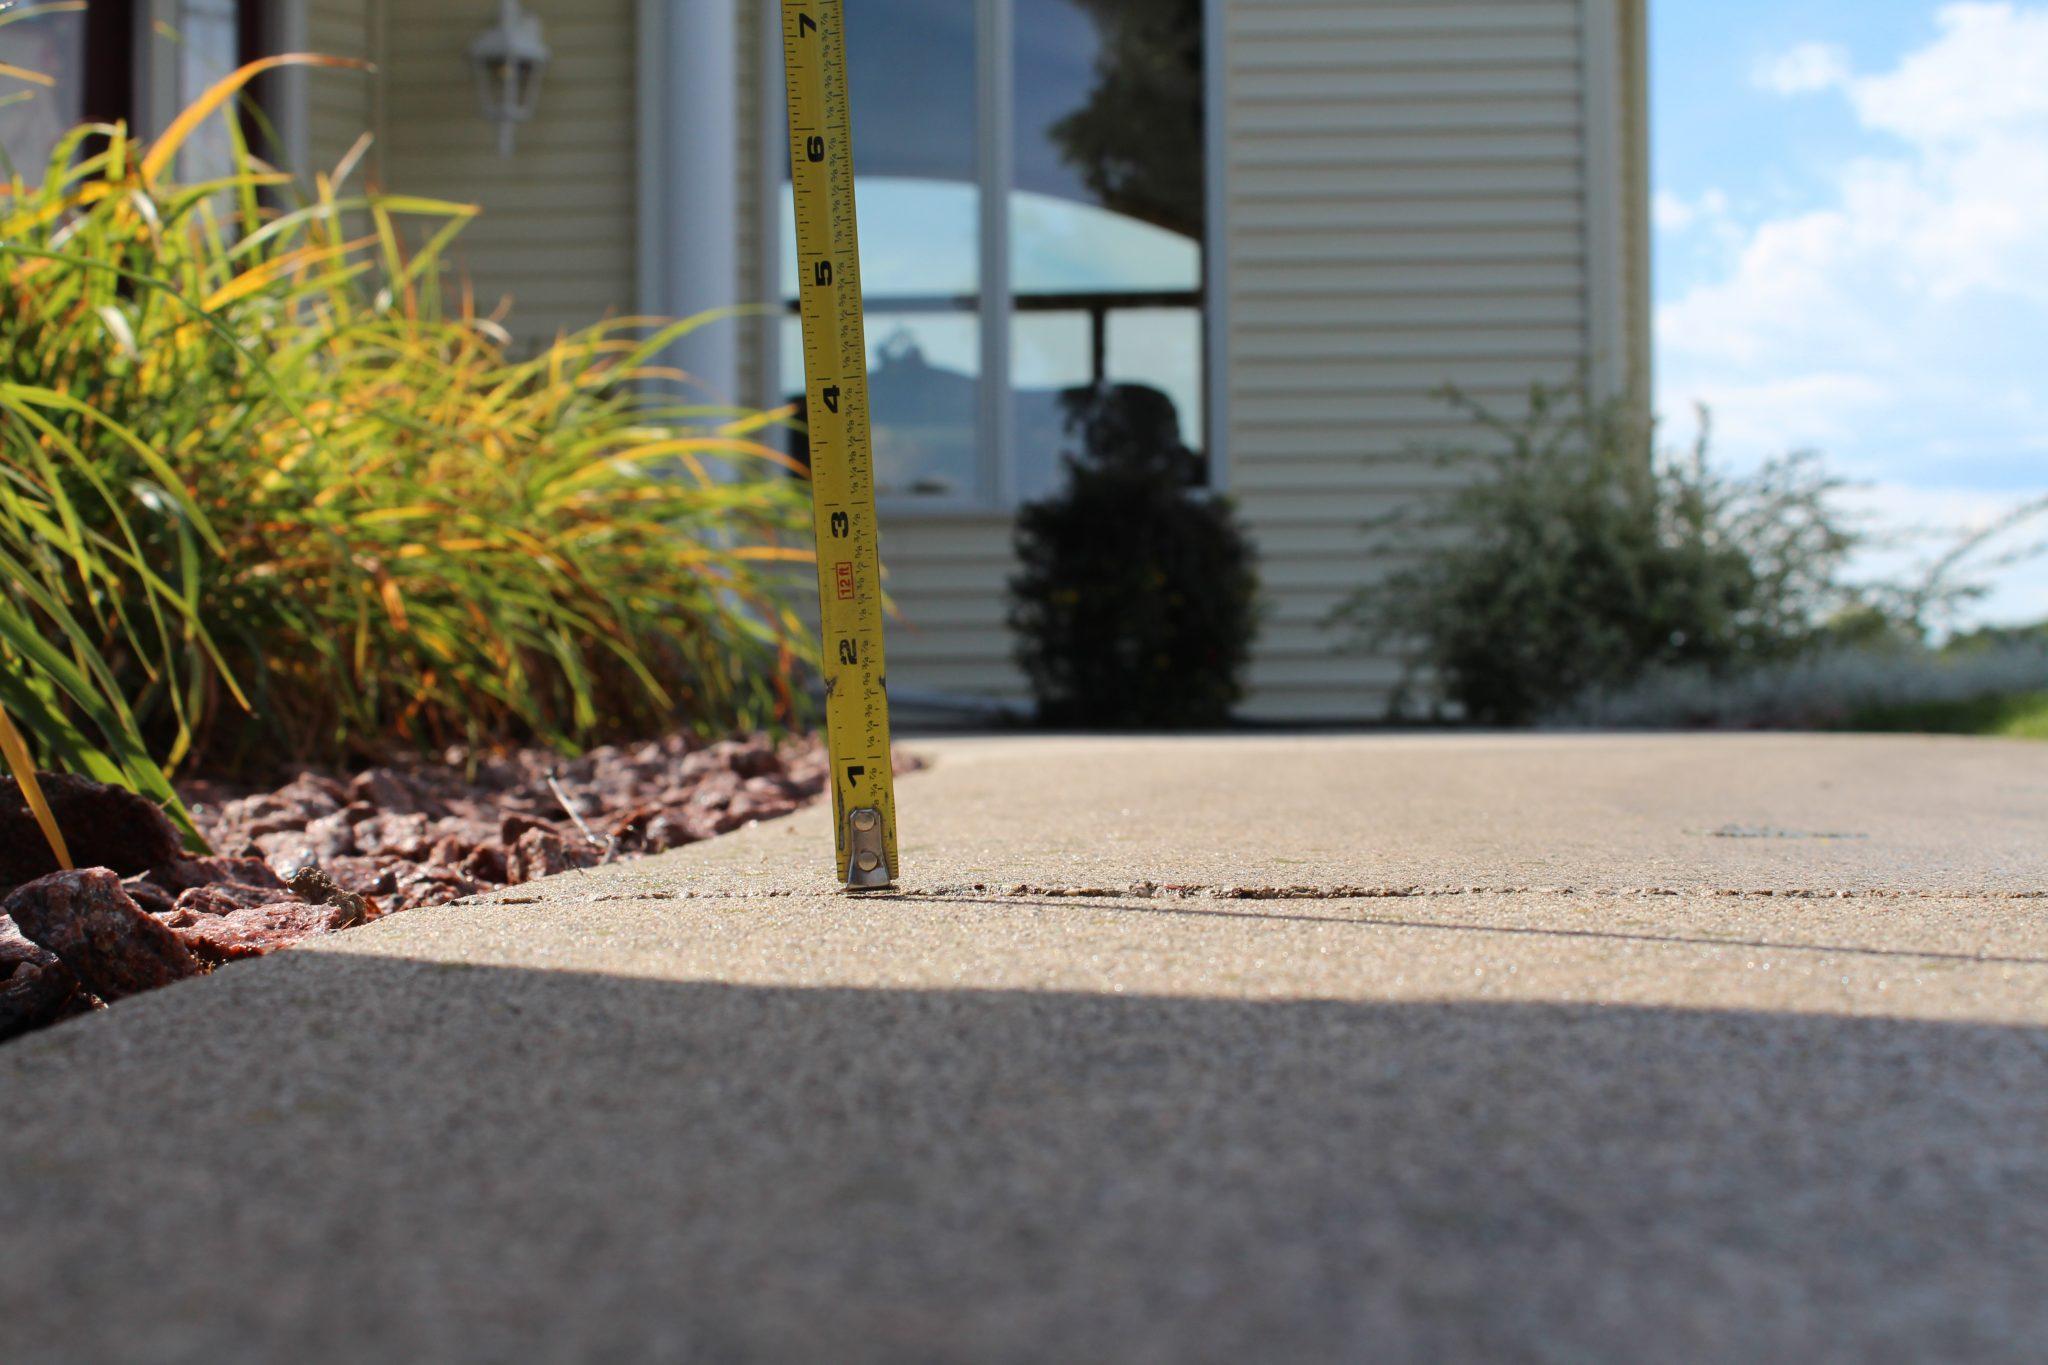 fixed uneven sidewalk - Foamjection